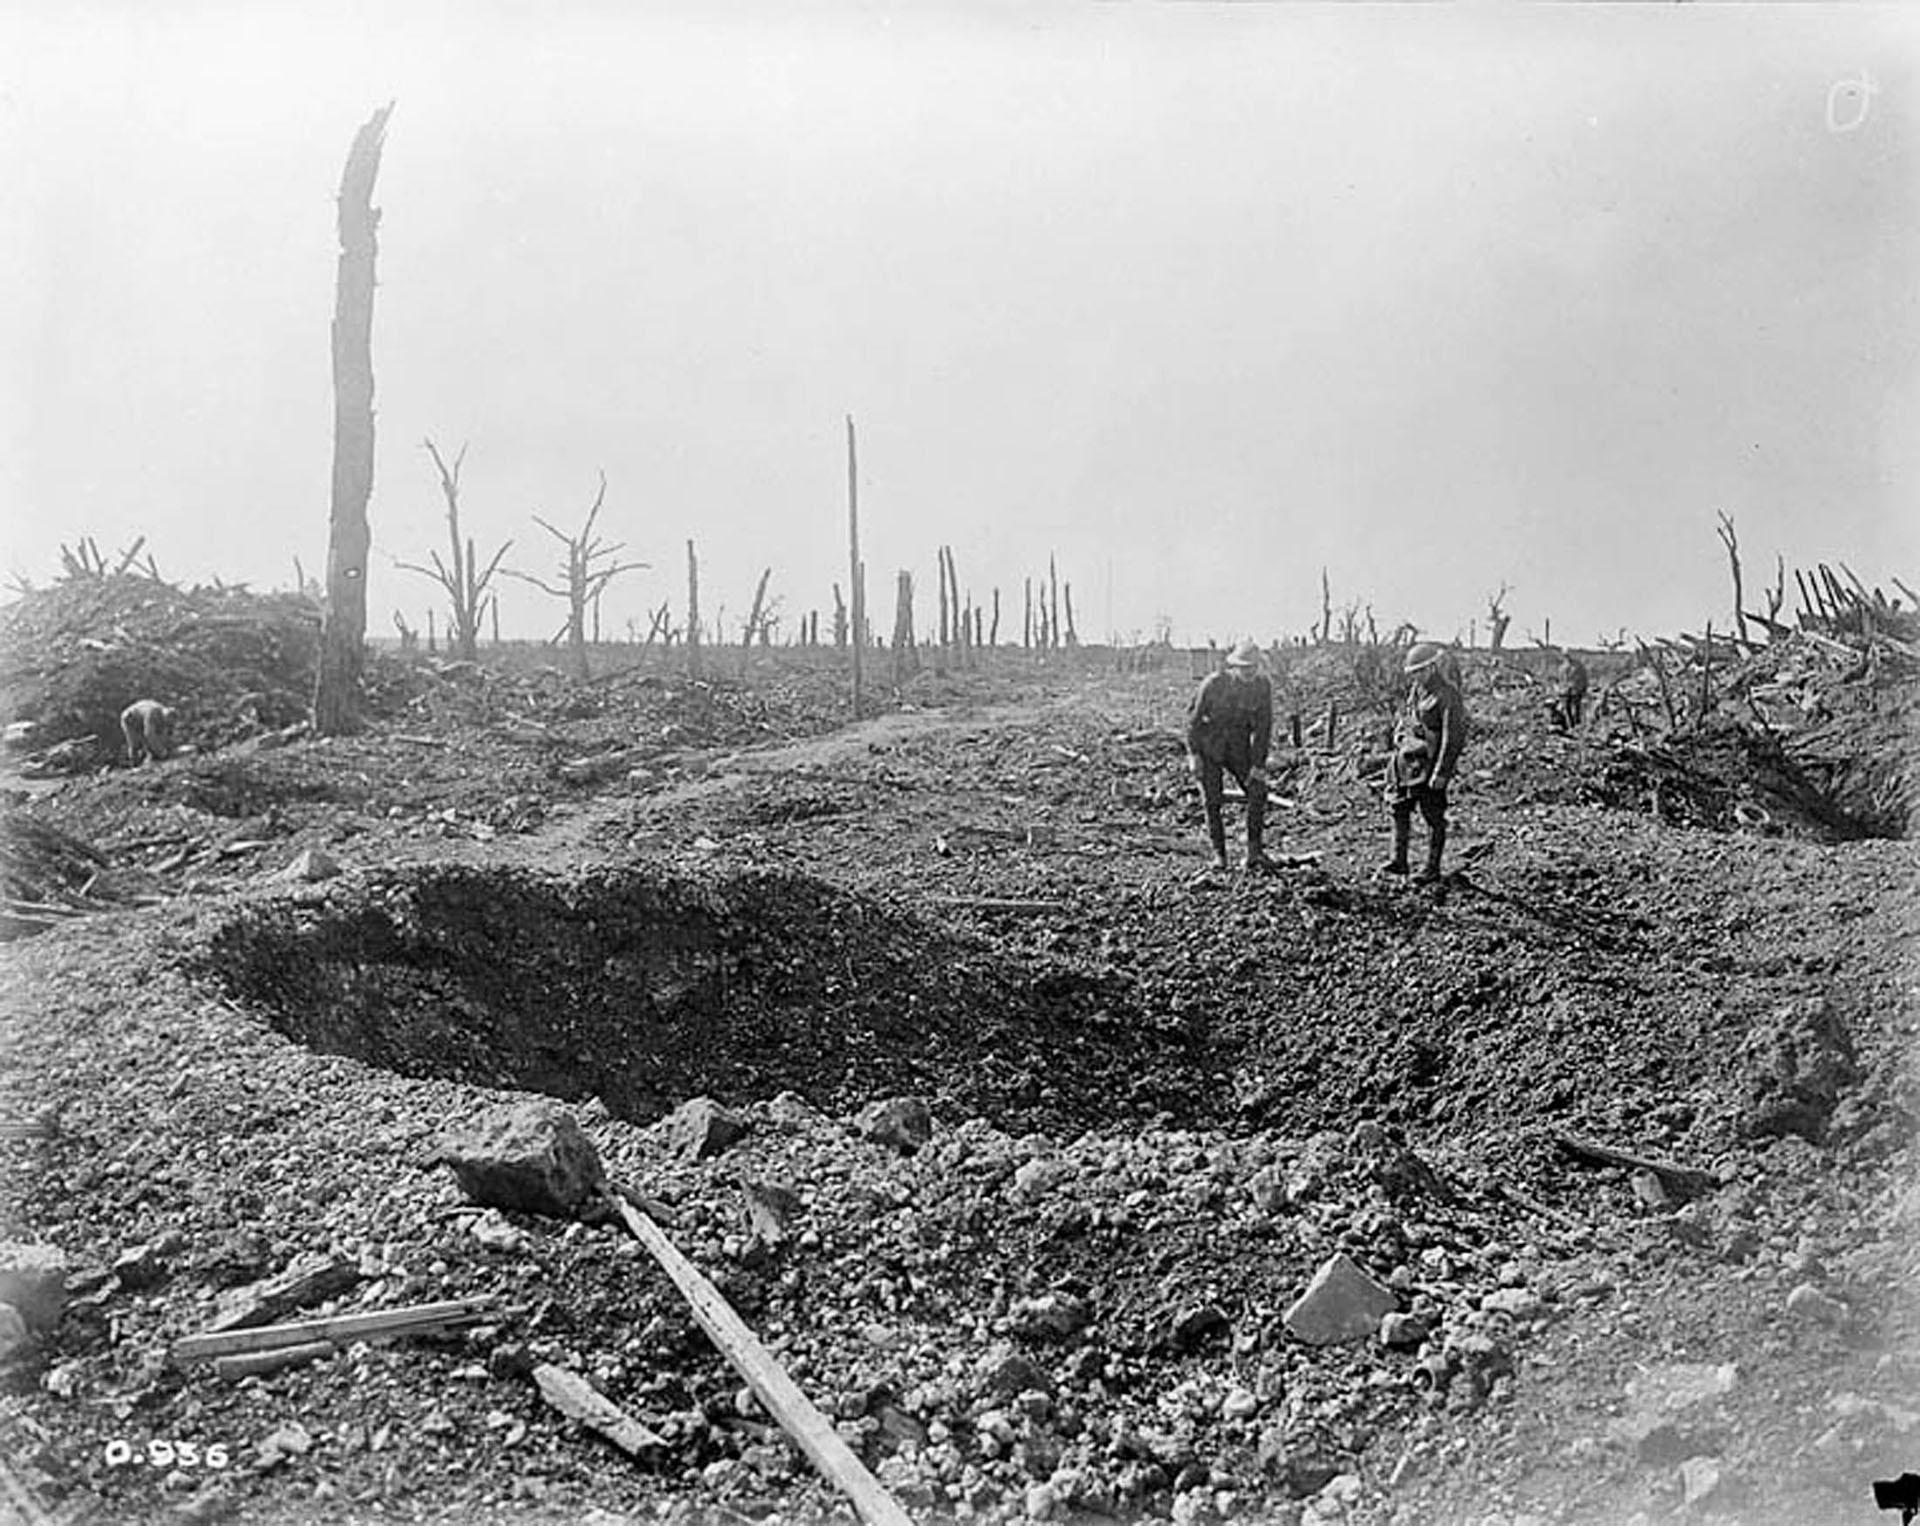 Entre el 1.º de julio y el 18 de noviembre, las fuerzas británicas y francesas intentaron romper las líneas alemanas para distraerlos de la batalla de Verdún, pero terminaron perdiendo más de 600.000 soldados en la que es aún la batalla más sangrienta en la historia del Ejército Británico (Reuters)